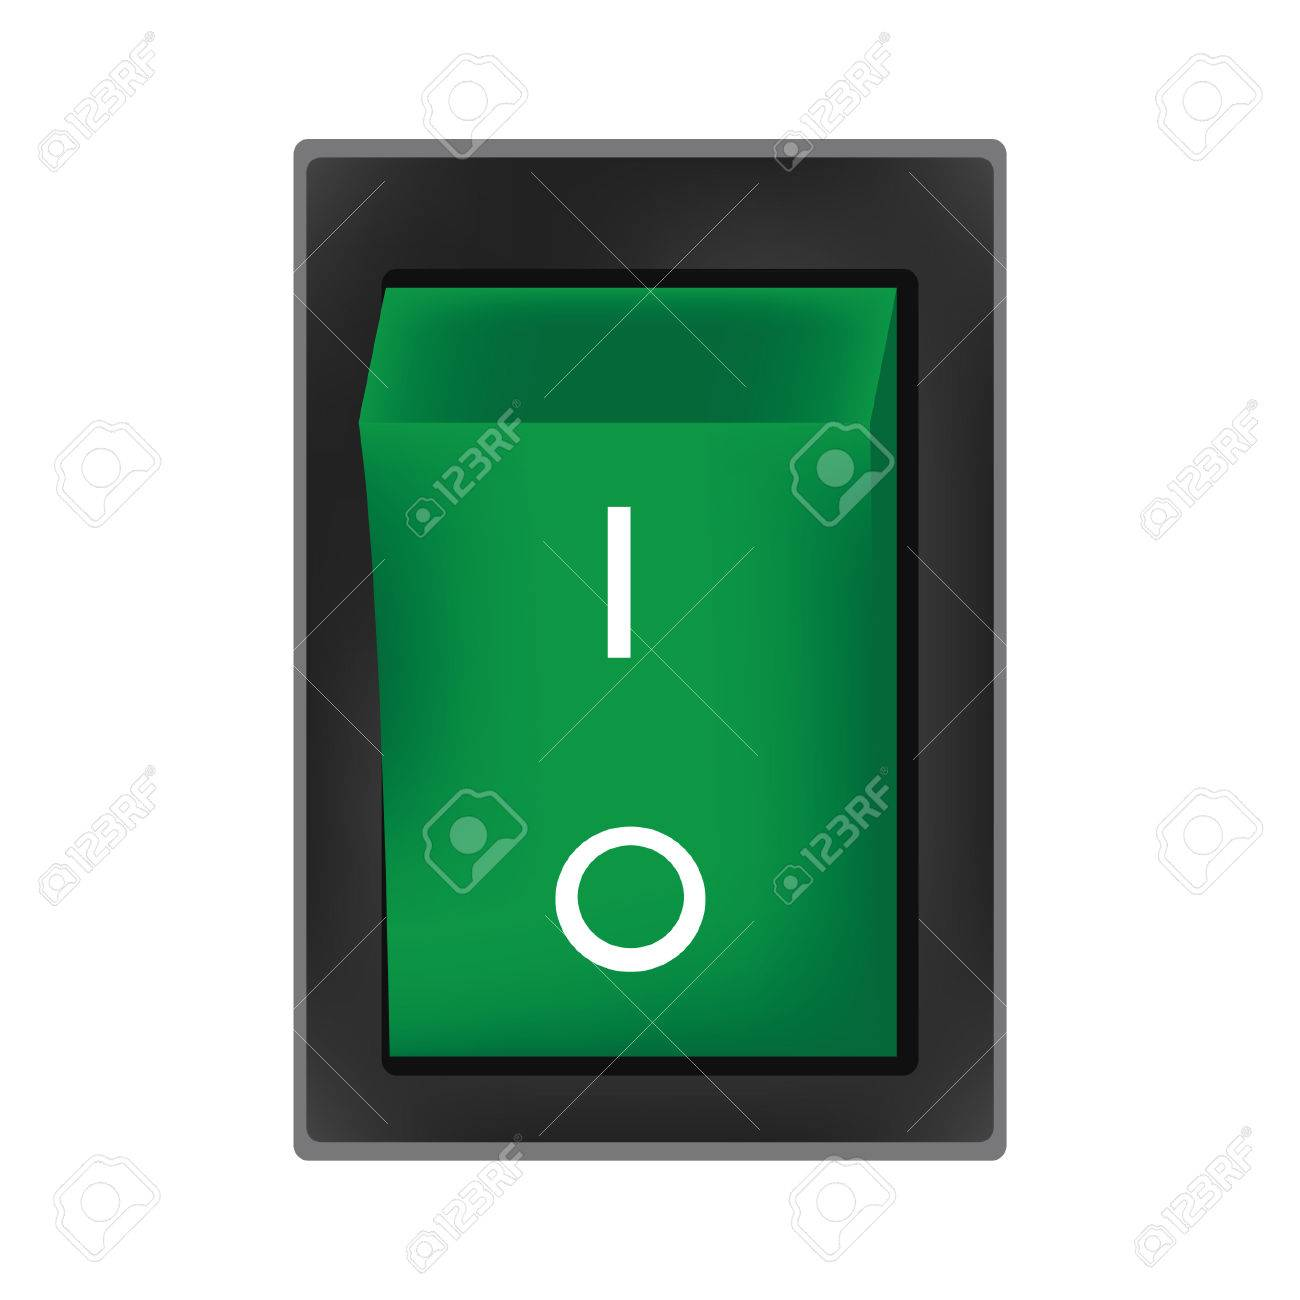 Grün Abschaltung Taste Vektor, Auf Aus-Schalter, Off-Symbol ...